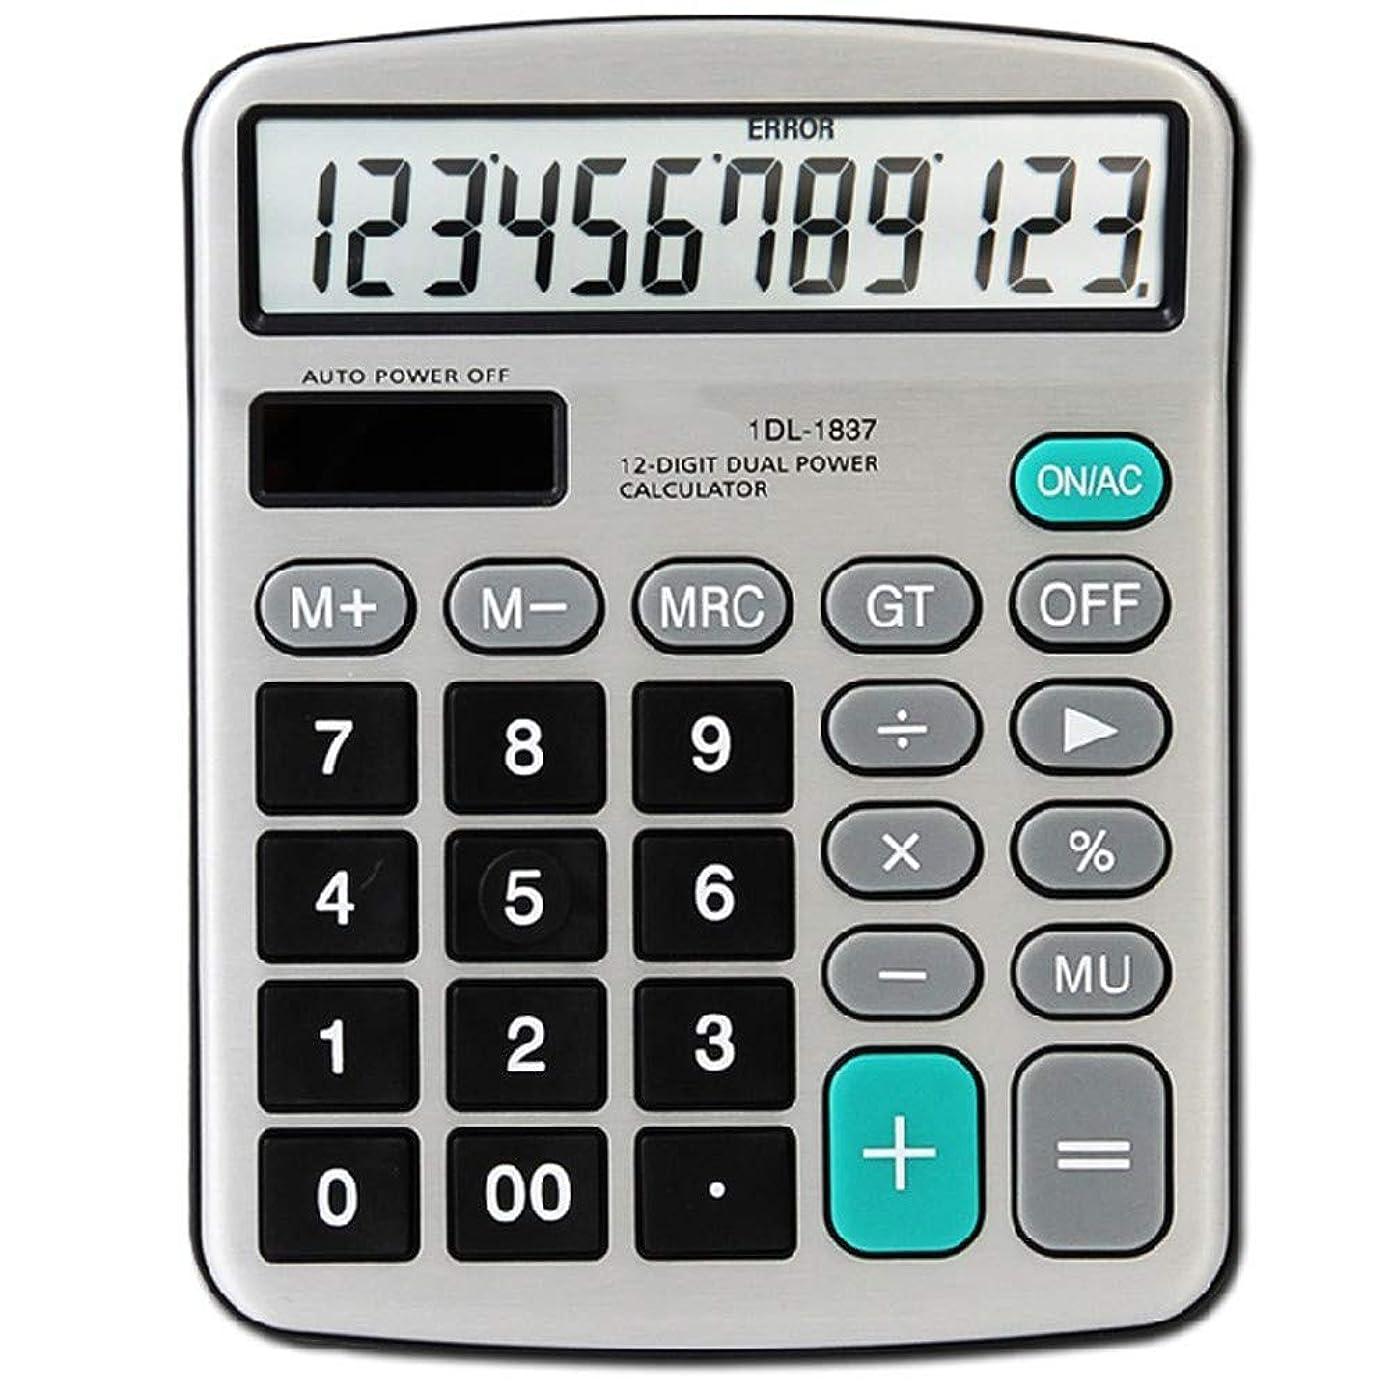 トンネルポーズテレビ局ビジネス電卓 電卓/ソーラーデュアルパワー/金属パネル/数学、教育、オフィス用12ポジション 卓上 かわいい シンプル